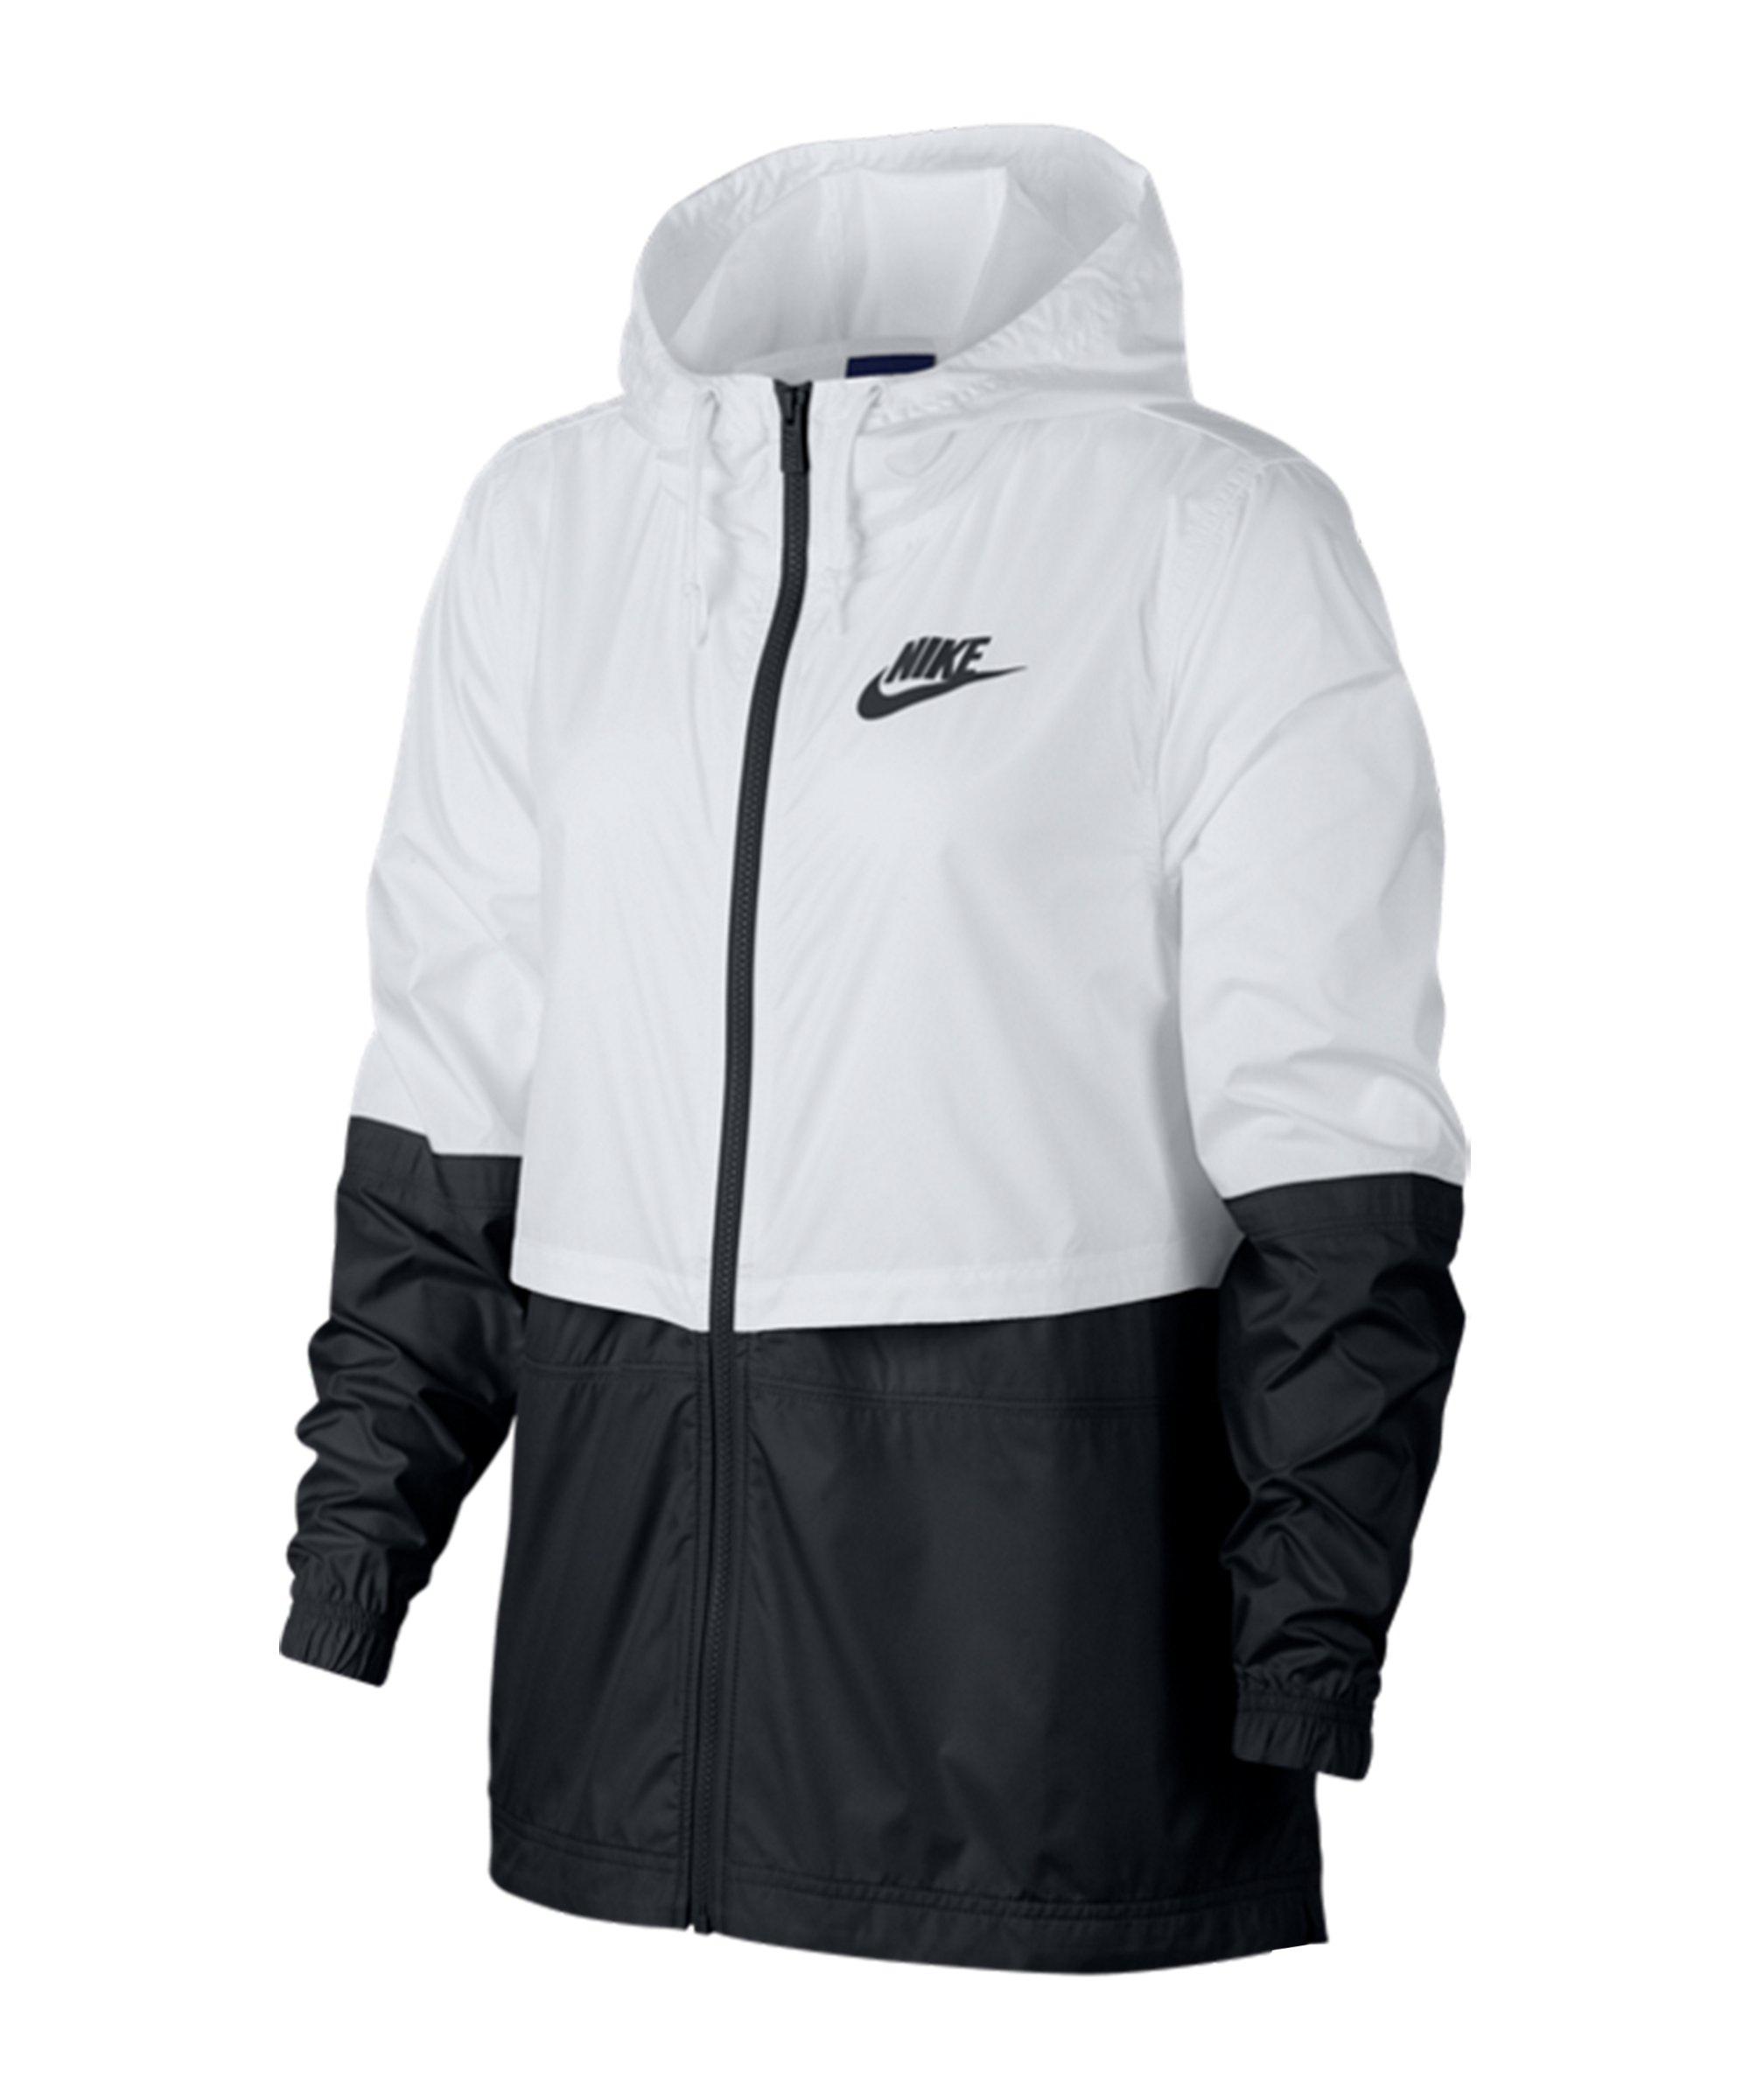 Nike Woven Jacke Damen Weiss Schwarz F102 - weiss